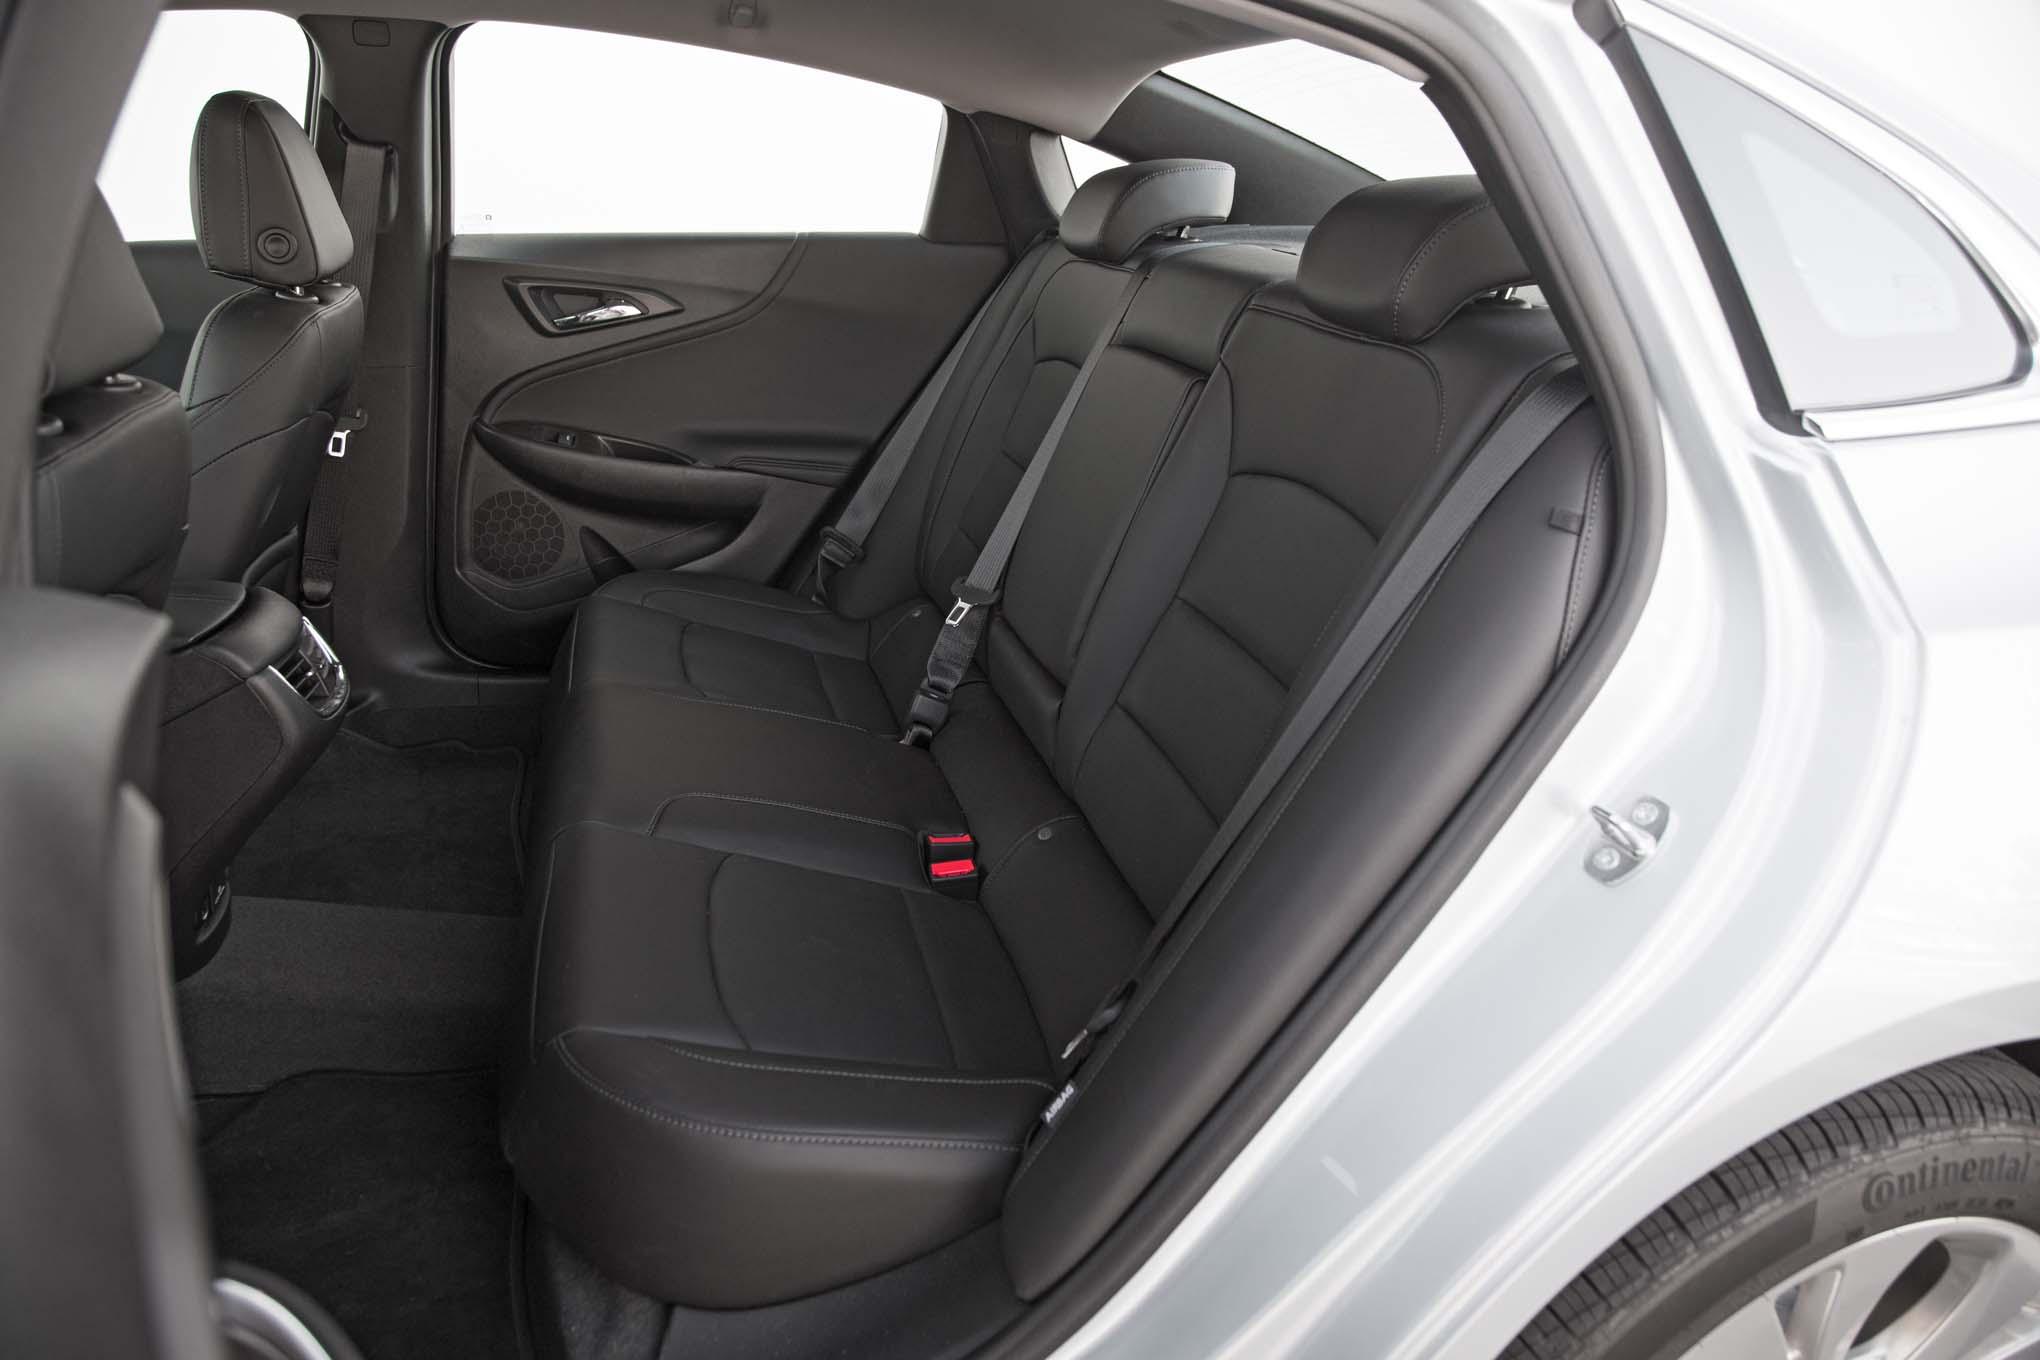 2017 Chevrolet Malibu 20t Premier Rear Interior Seats 4 Agosto Miguel Cortina